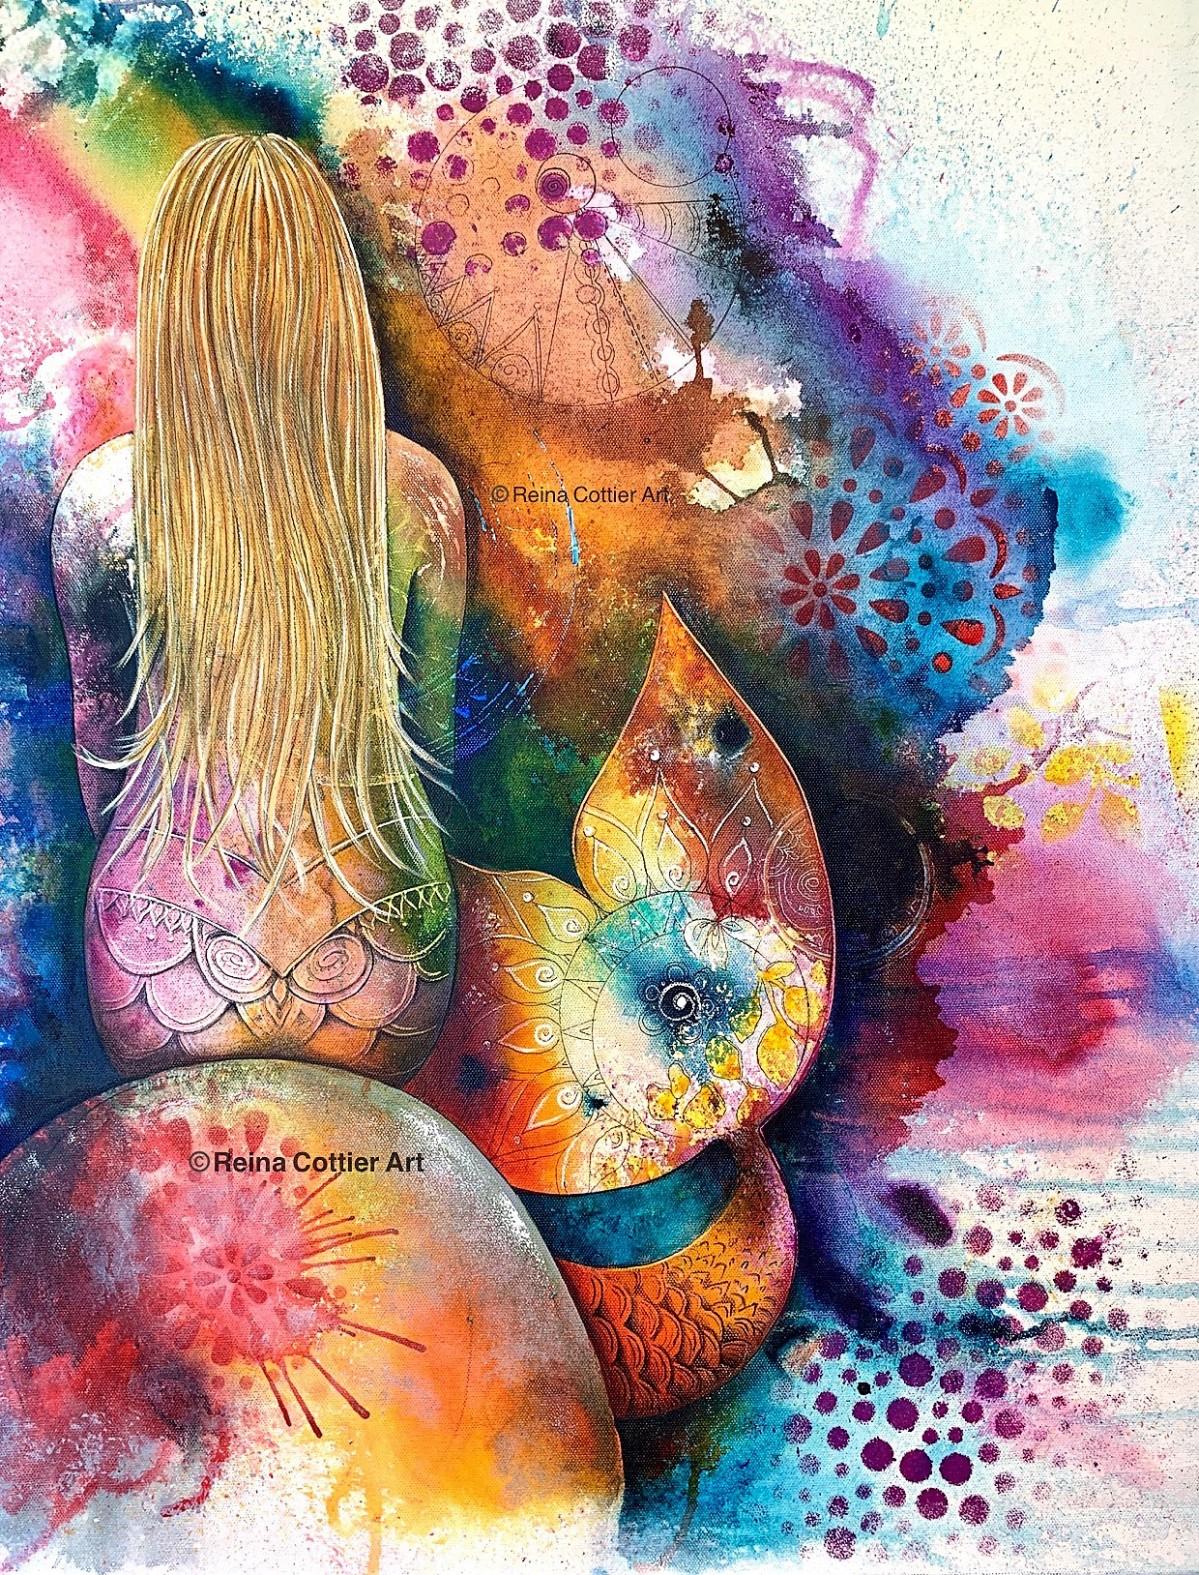 Mermaid by Reina Cottier